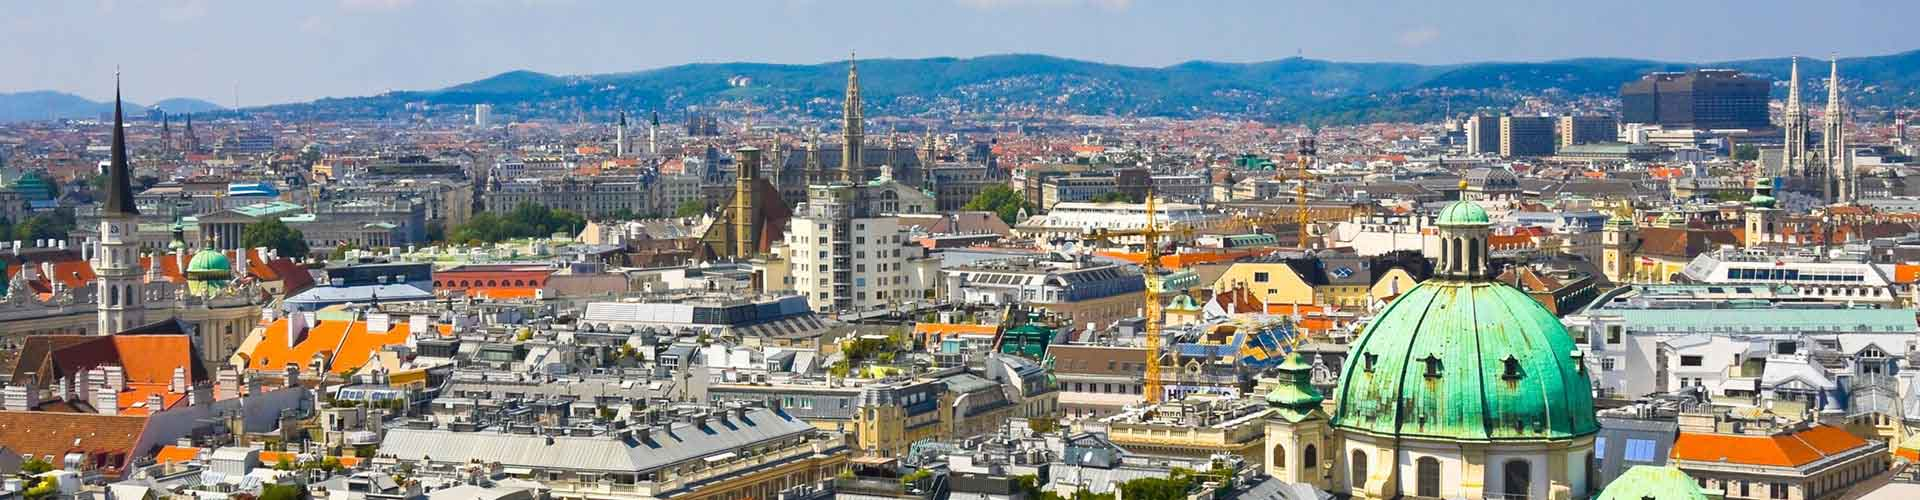 Vienne - Hôtels dans le quartier de Thurygrund. Cartes pour Vienne, photos et commentaires pour chaque hôtel à Vienne.